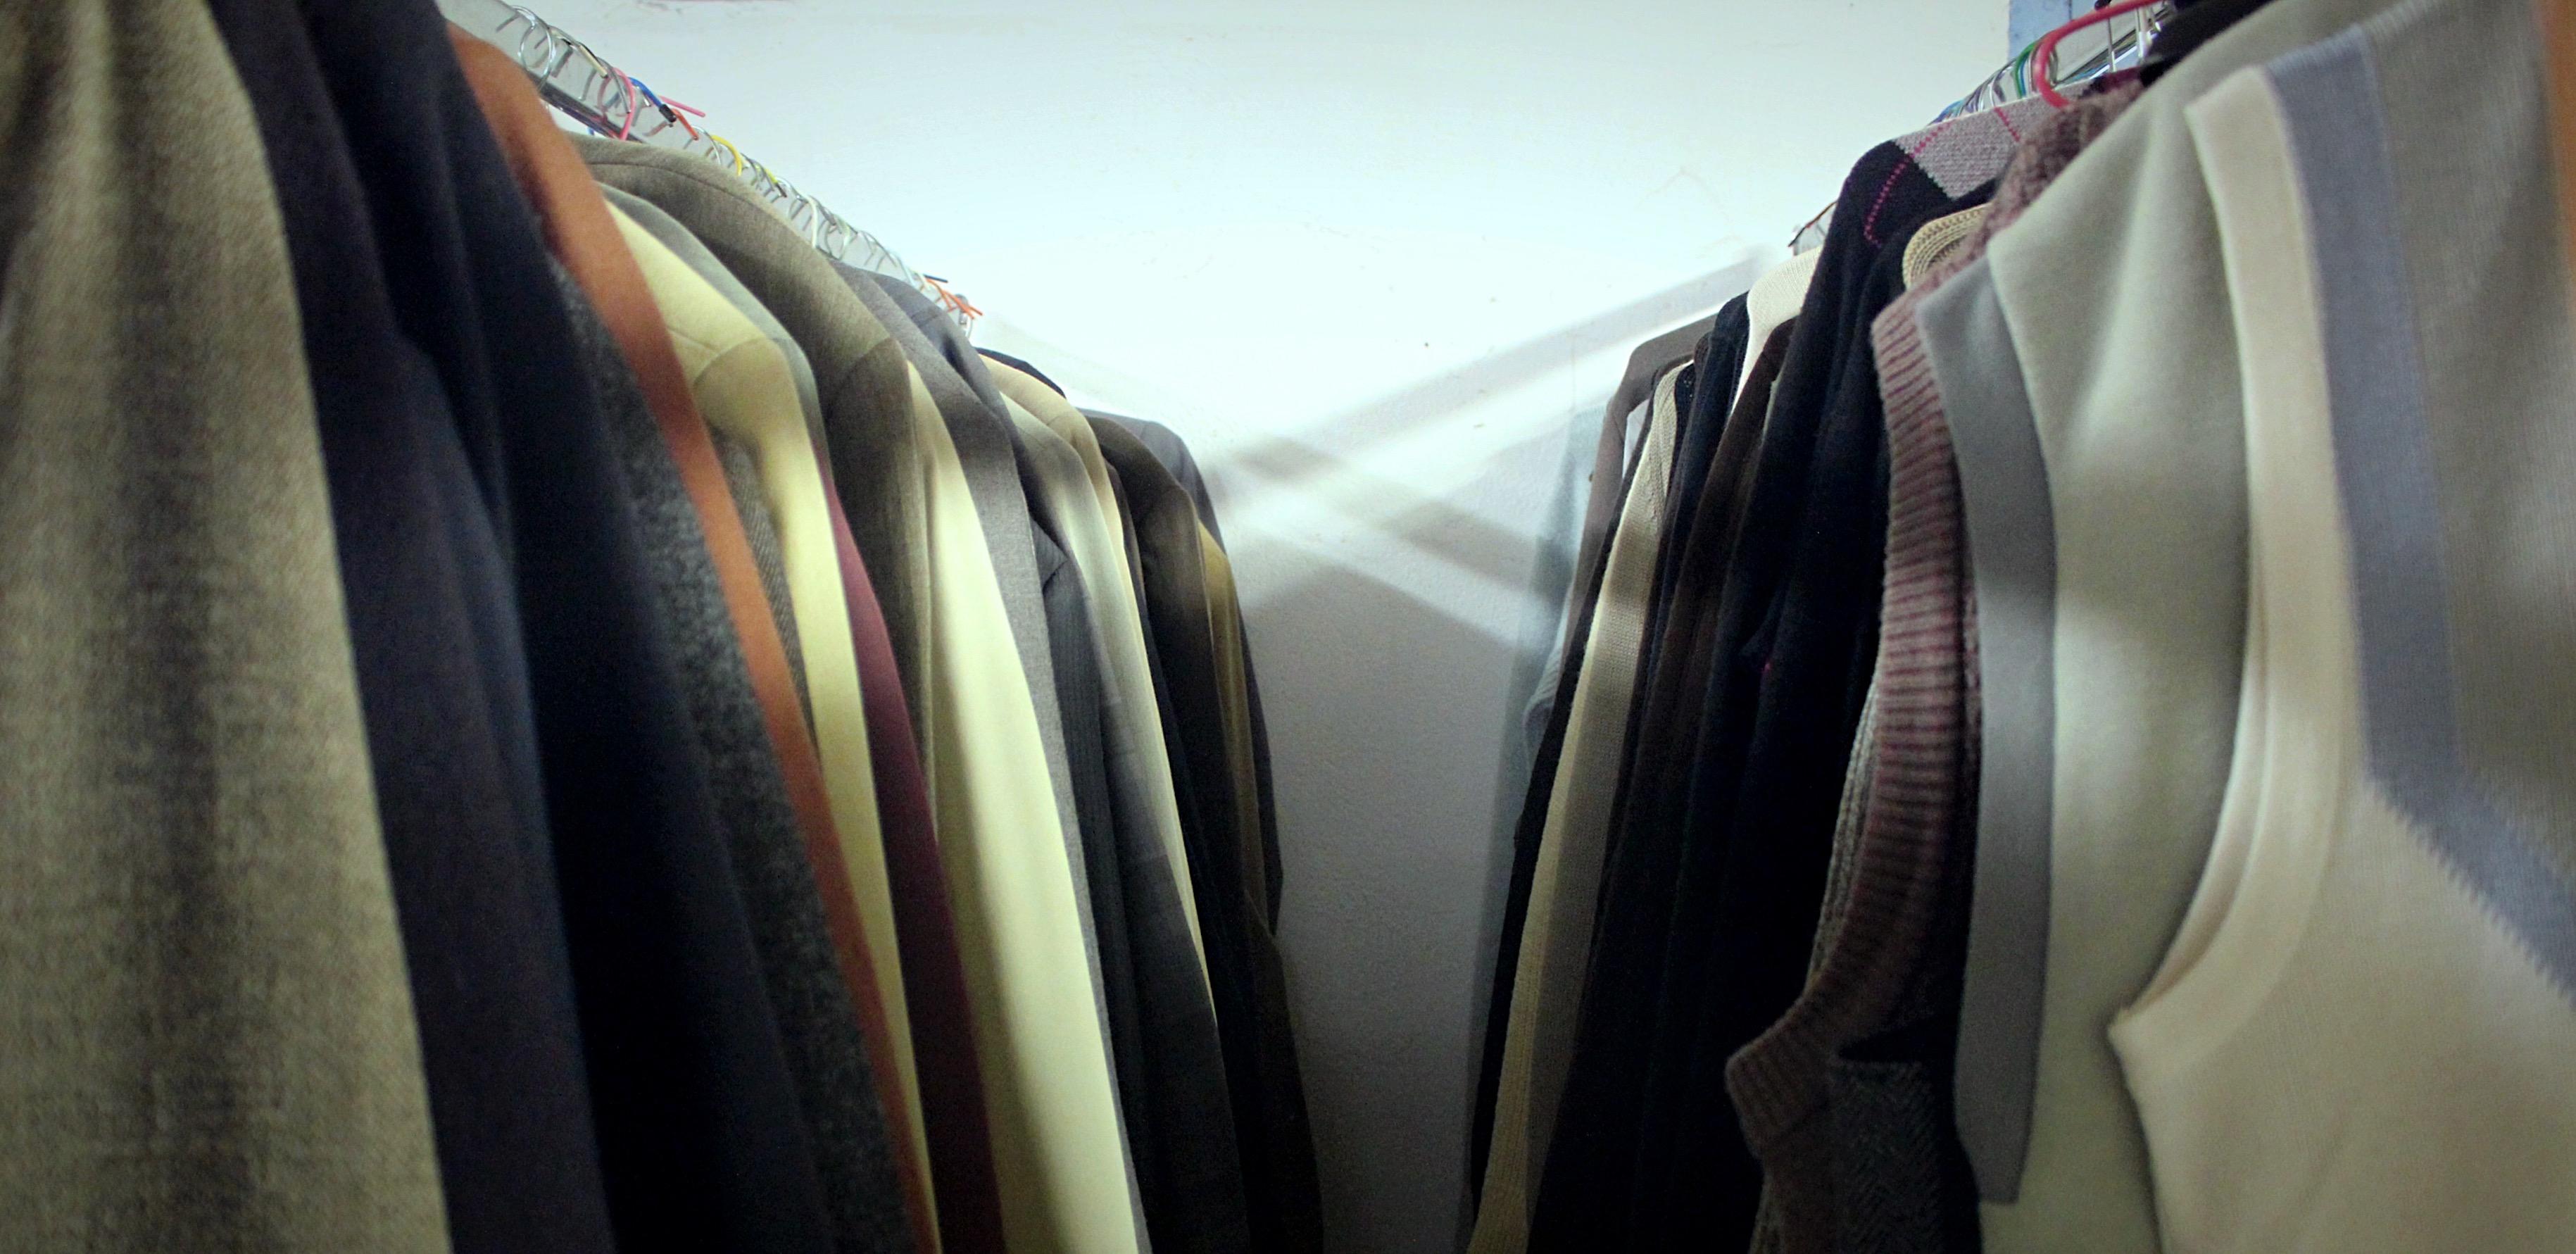 Mosaik Friperie à Toulouse, magasin de vêtements d'occasion et vintage.